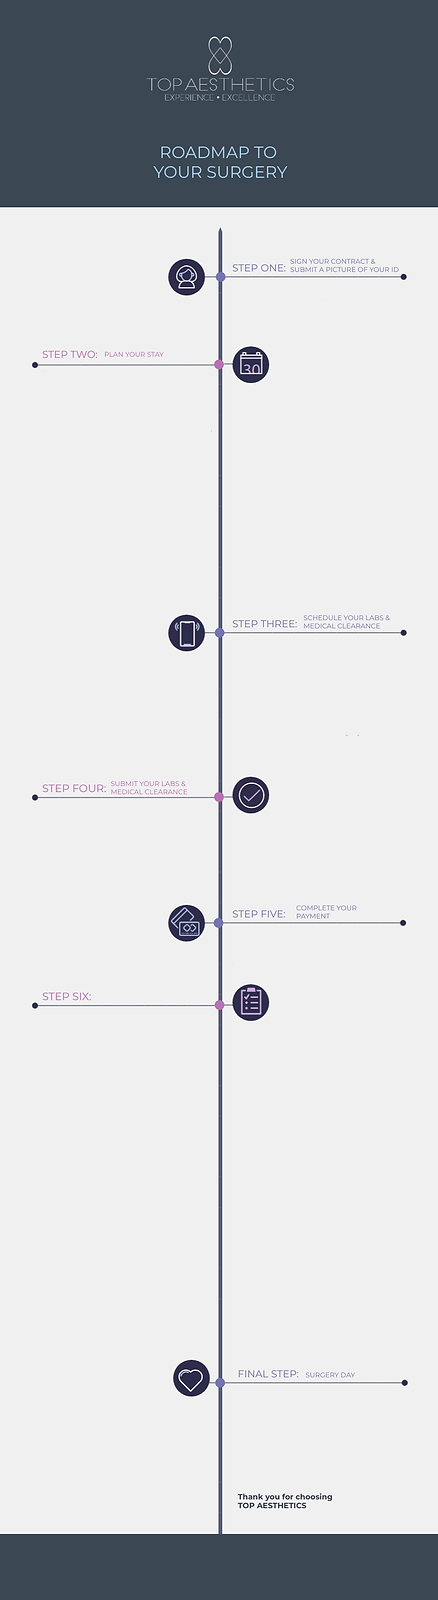 roadmap21.png